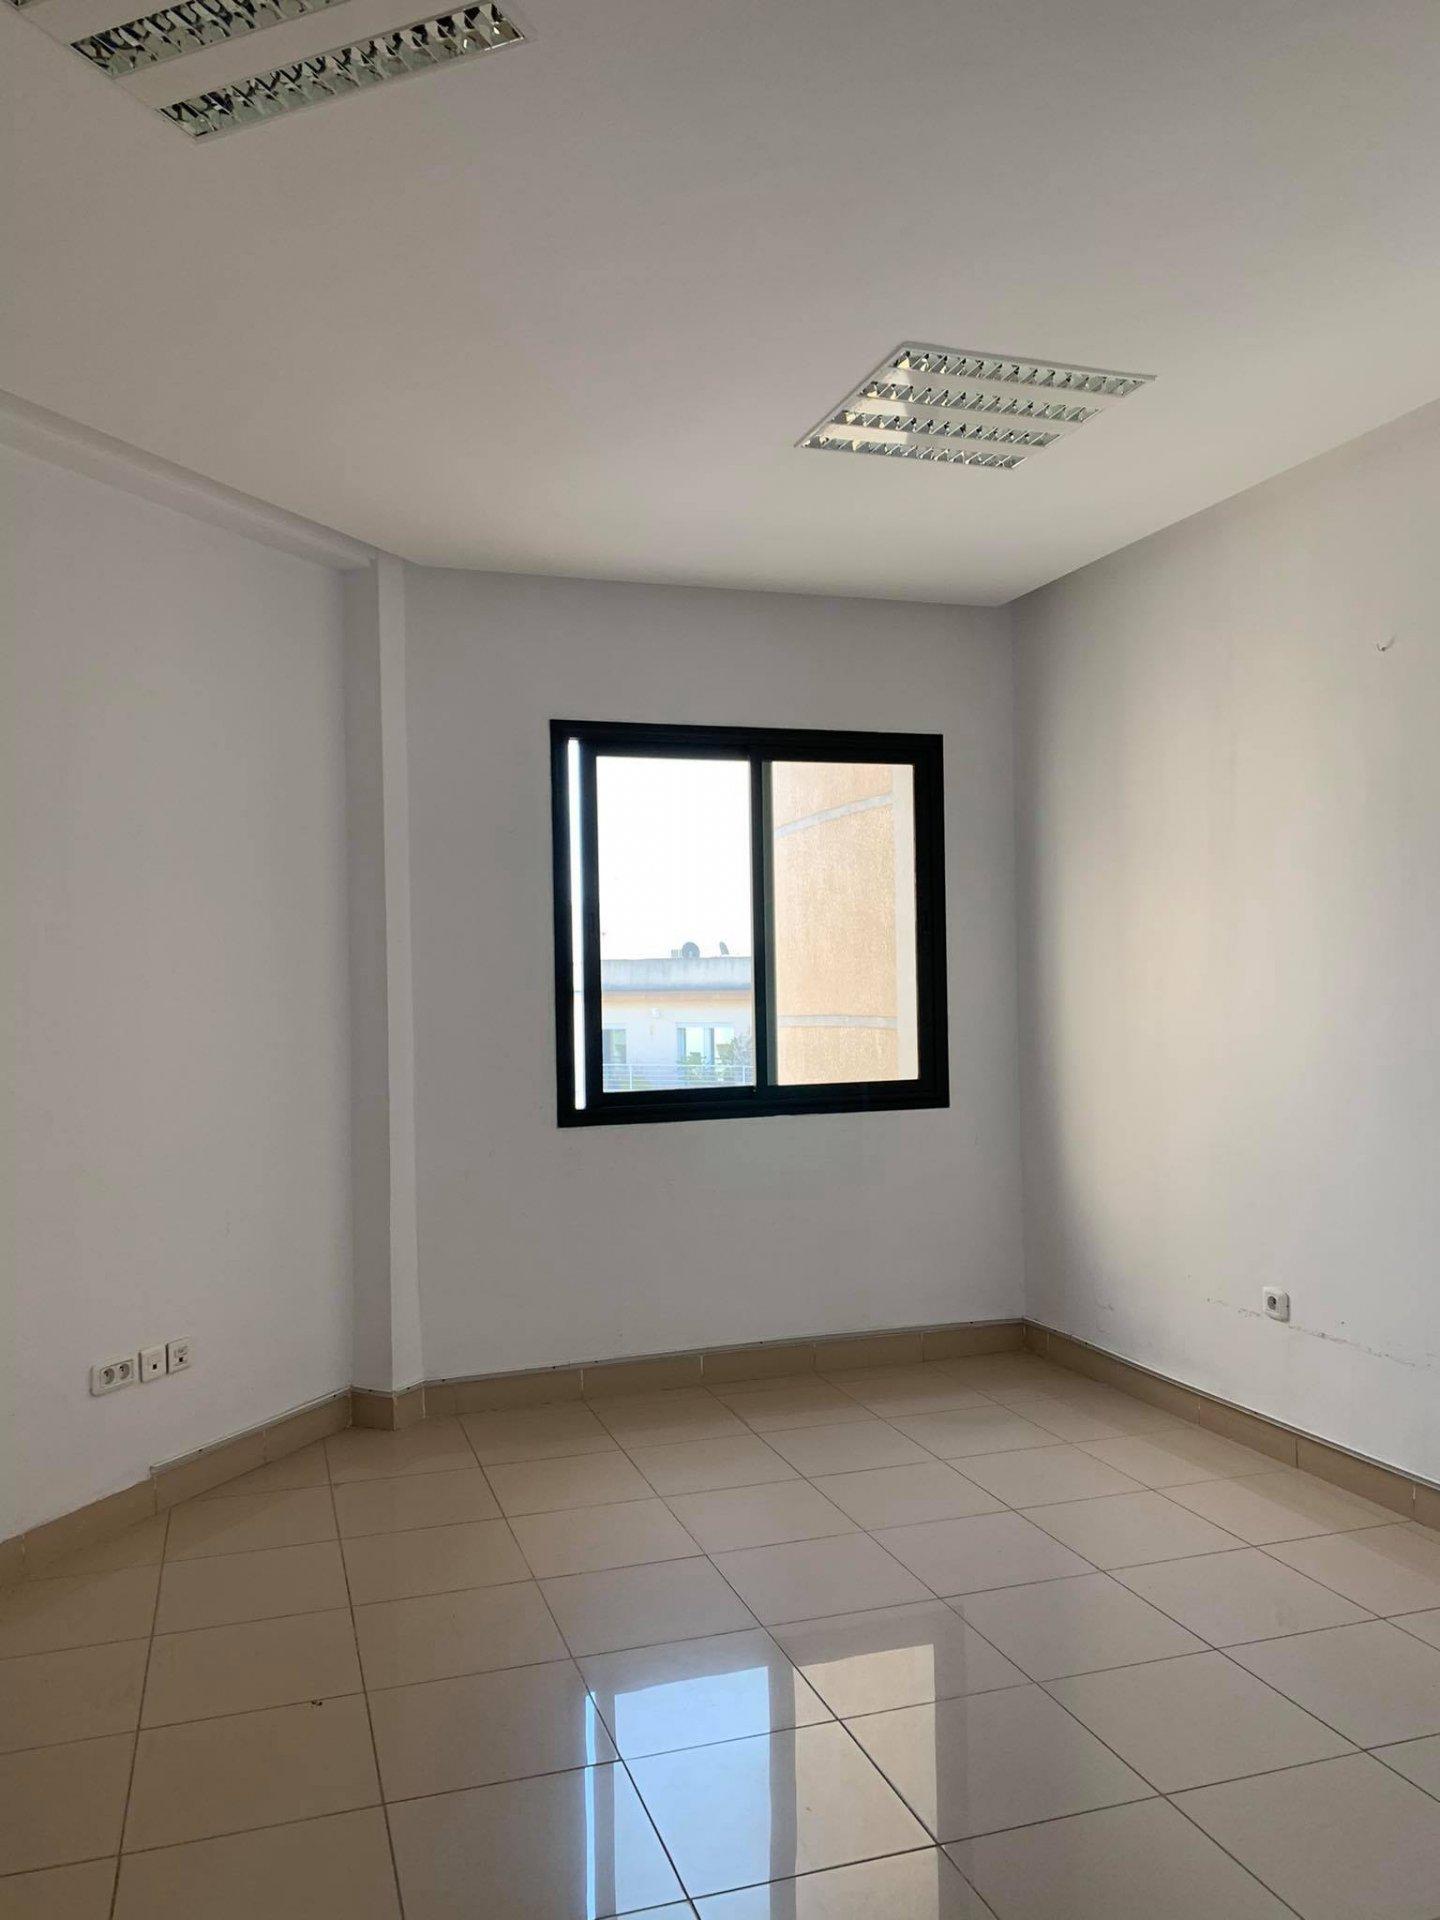 Location Bureau de 7 pièces 210 m² au Lac 2.